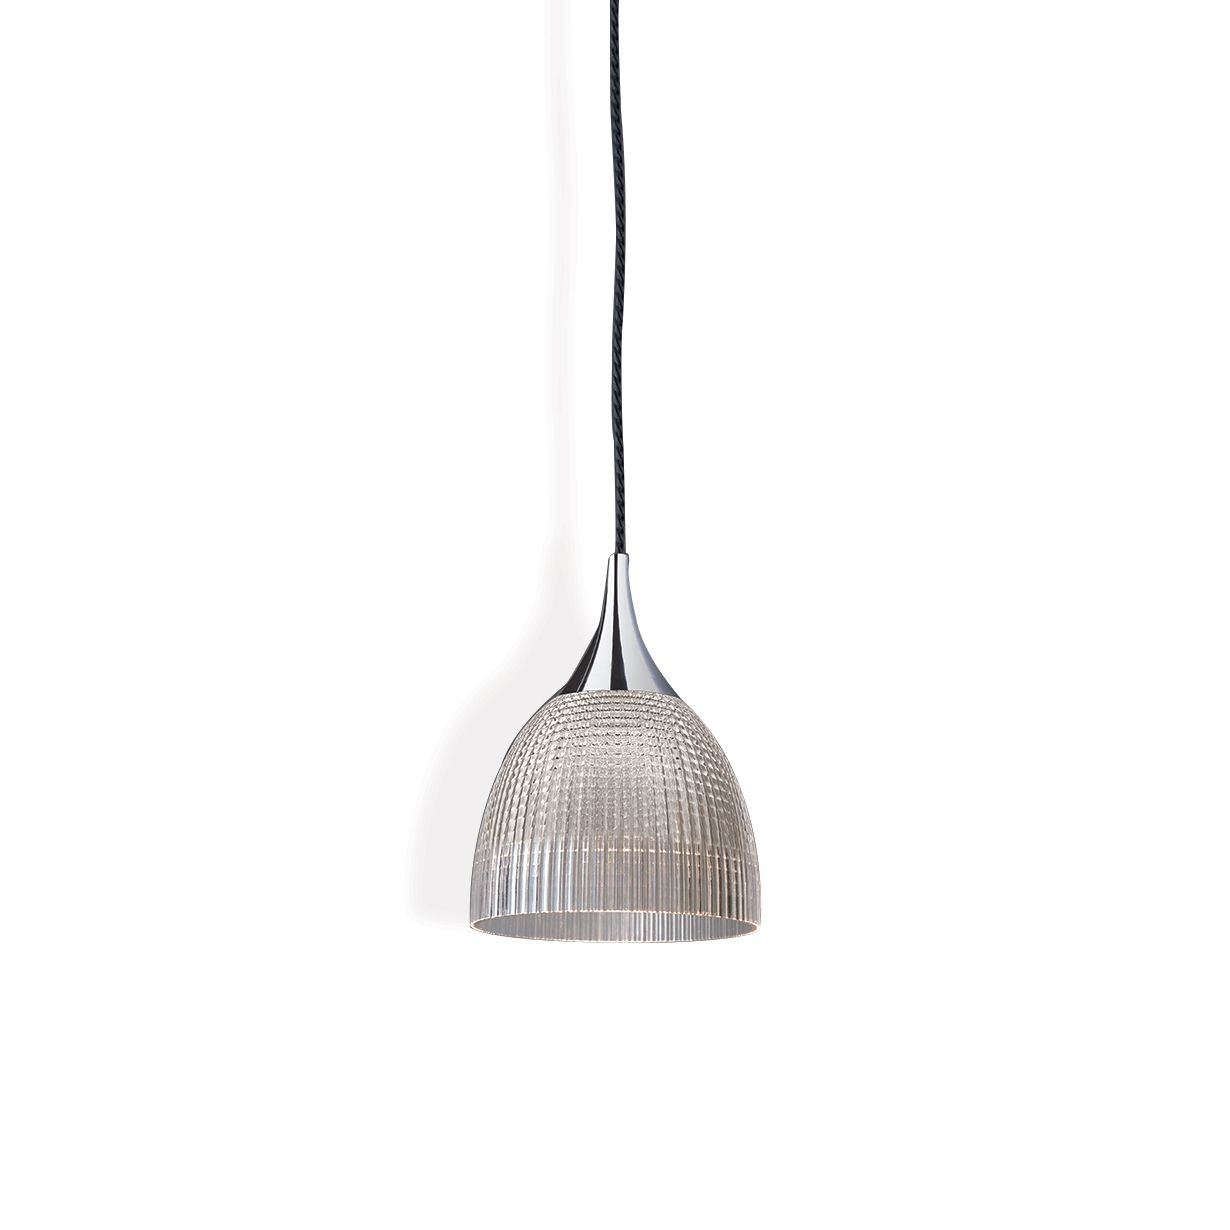 Articolo: ARTEMIDE1944020AUna lampada a sospensione dalla grande eleganza e raffinatezza grazie alla copertura frangiata. Dobbiamo illuminare una grande stanza e siamo alla ricerca di alcune lampade a sospensione che possano sprigionare una grande luce. Inoltre, siccome vogliamo creare un ambiente elegante e raffinato, queste lampade devono avere anche un design lussuoso che pero' non infici troppo sul prezzo. Quale modello dobbiamo scegliere fra la grande quantita' che si trova sul mercato